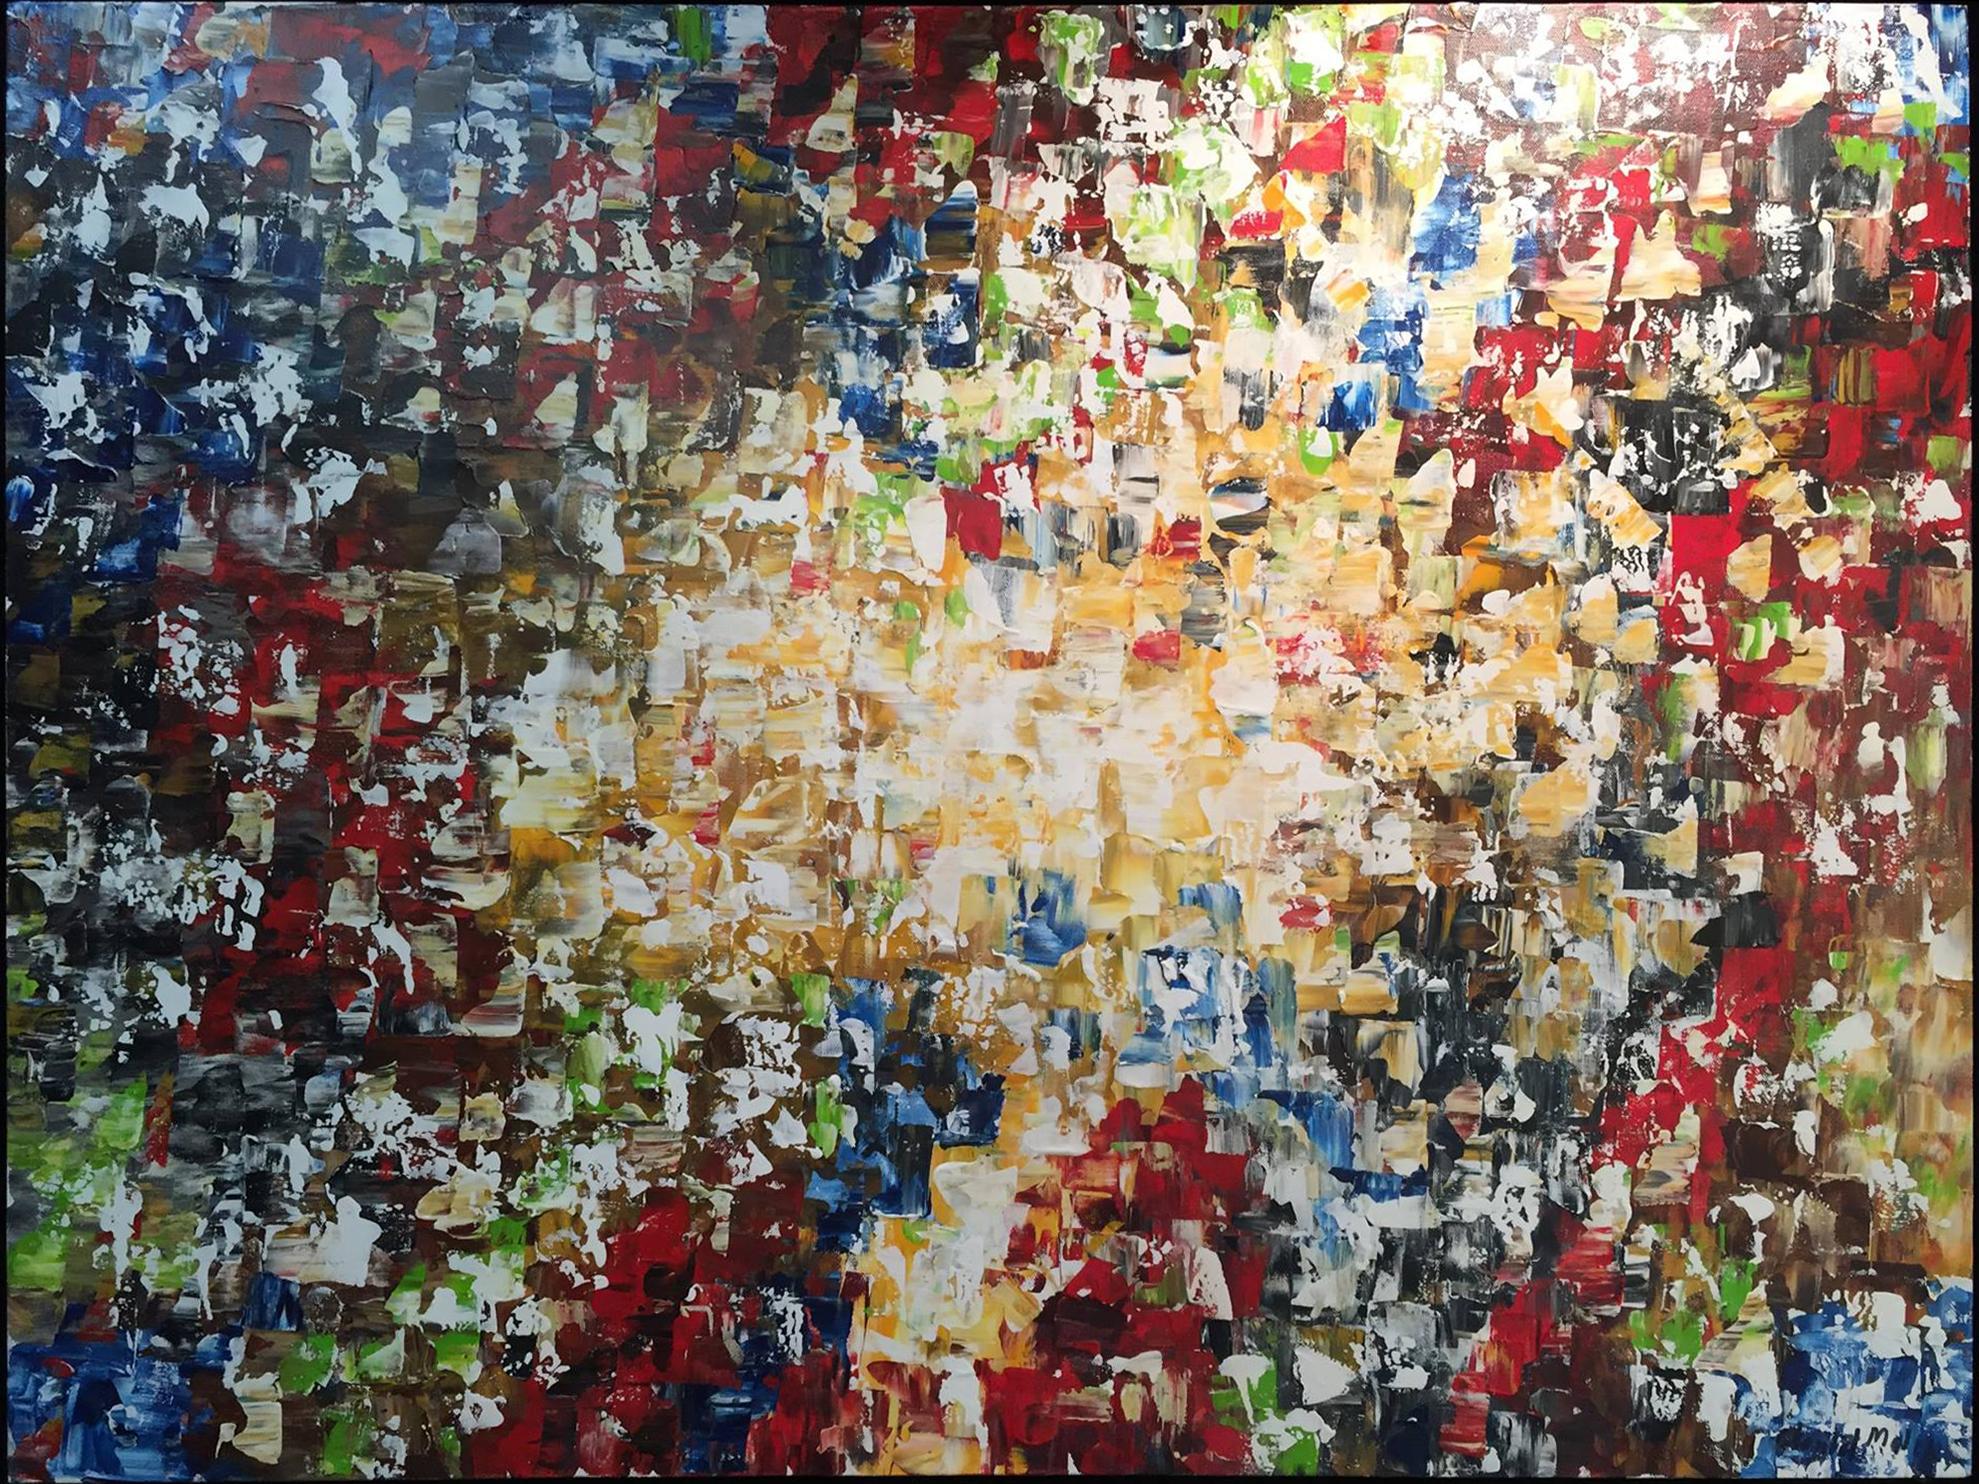 Bonheur - Mixed media on canvas157 x 80 cm